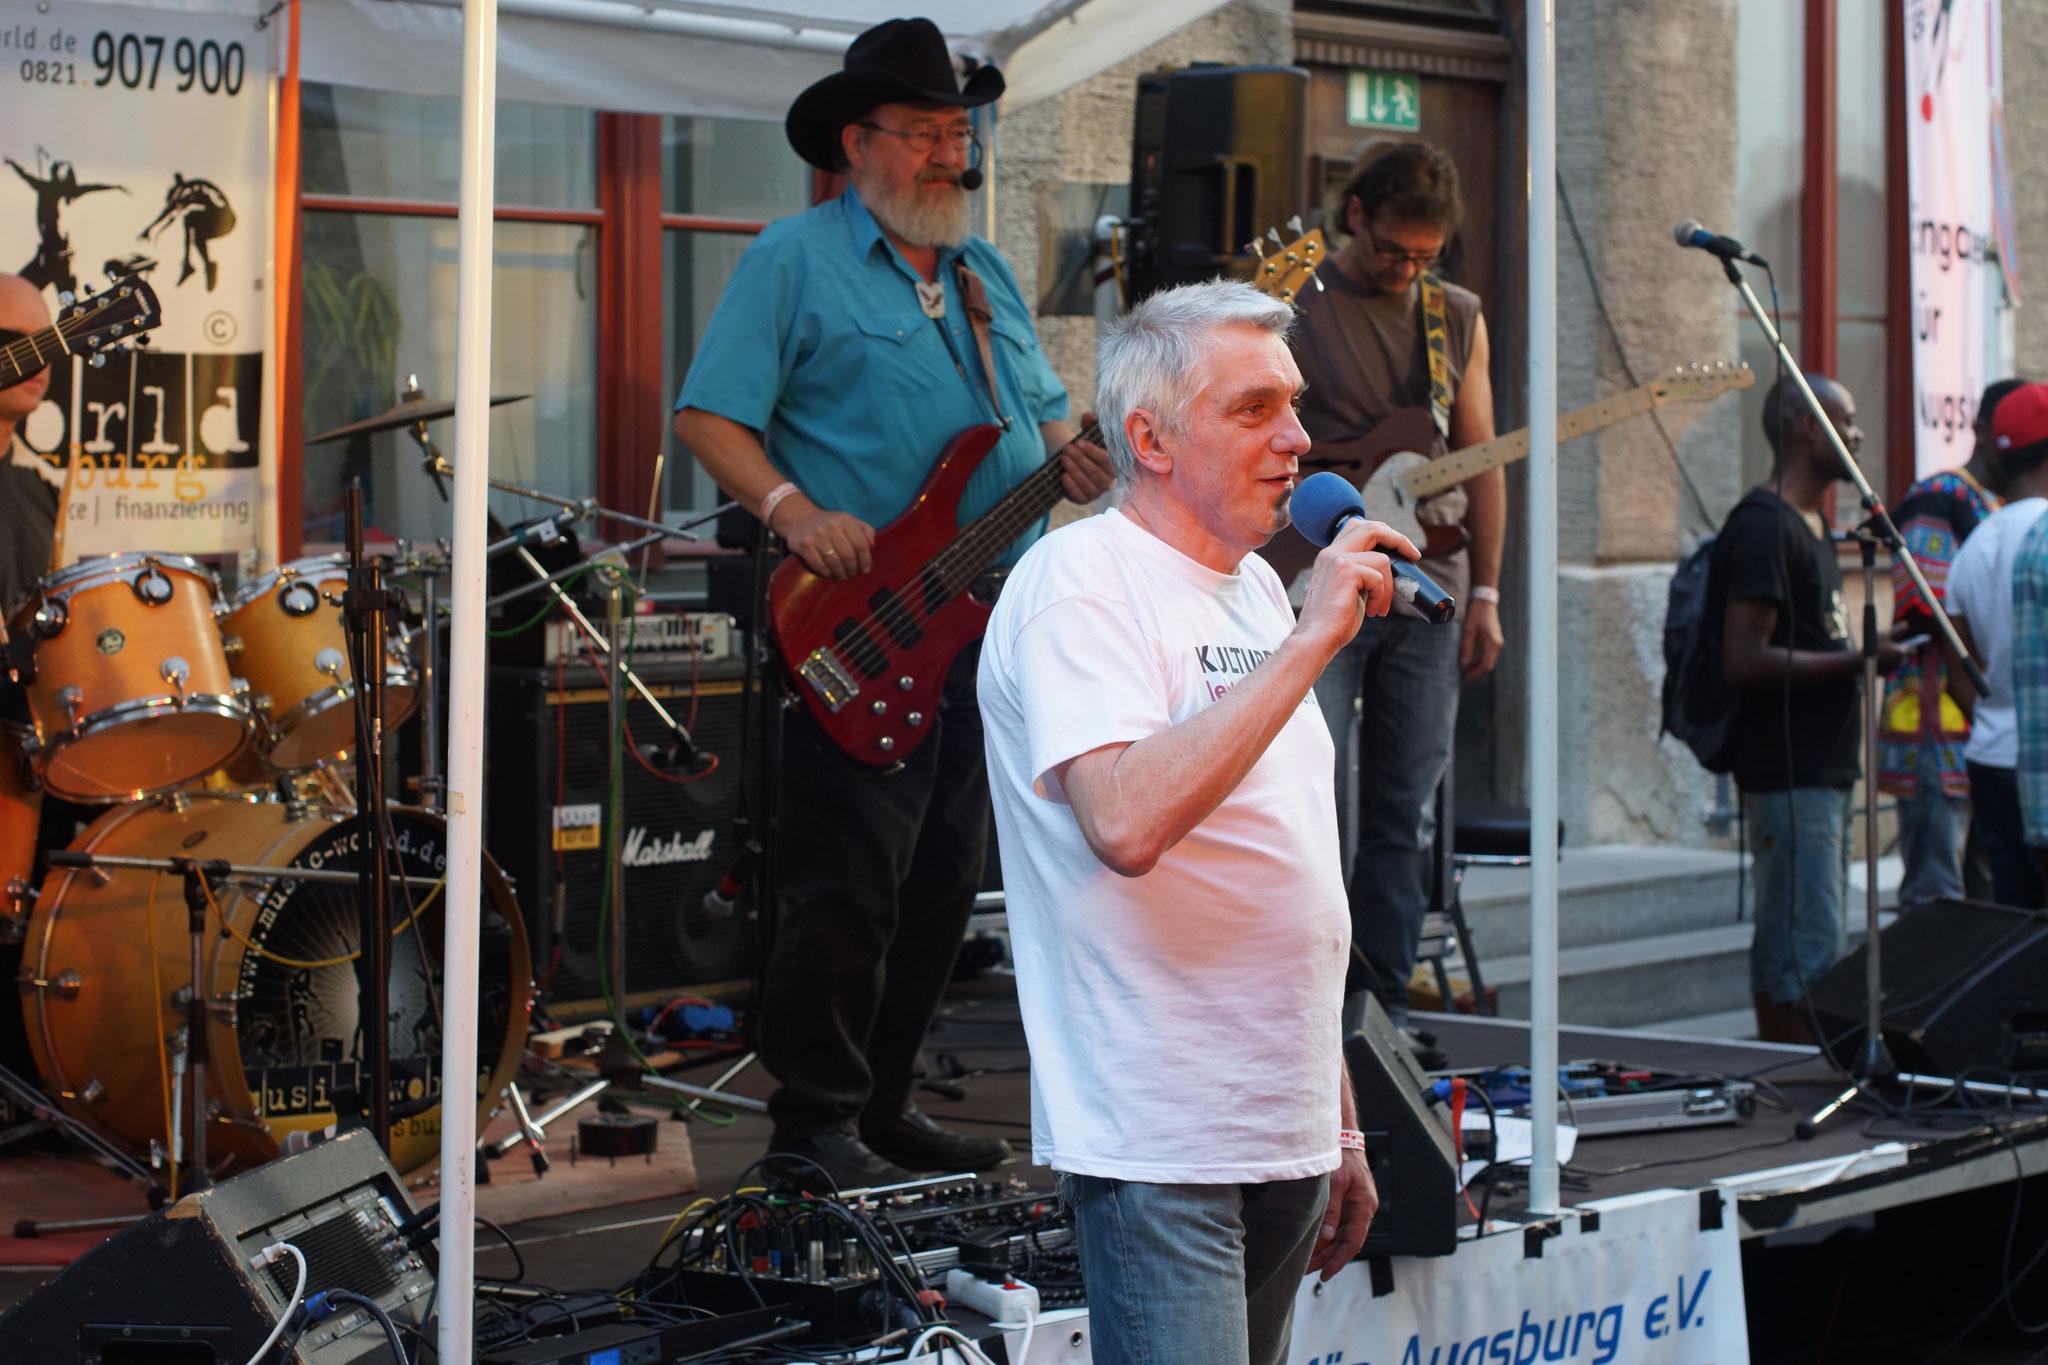 Konzerte im Bürgerhof 03.07.15 Jürgen Gebhardt - Freiwilligen-Zentrum Augsburg - Foto: Crayfish